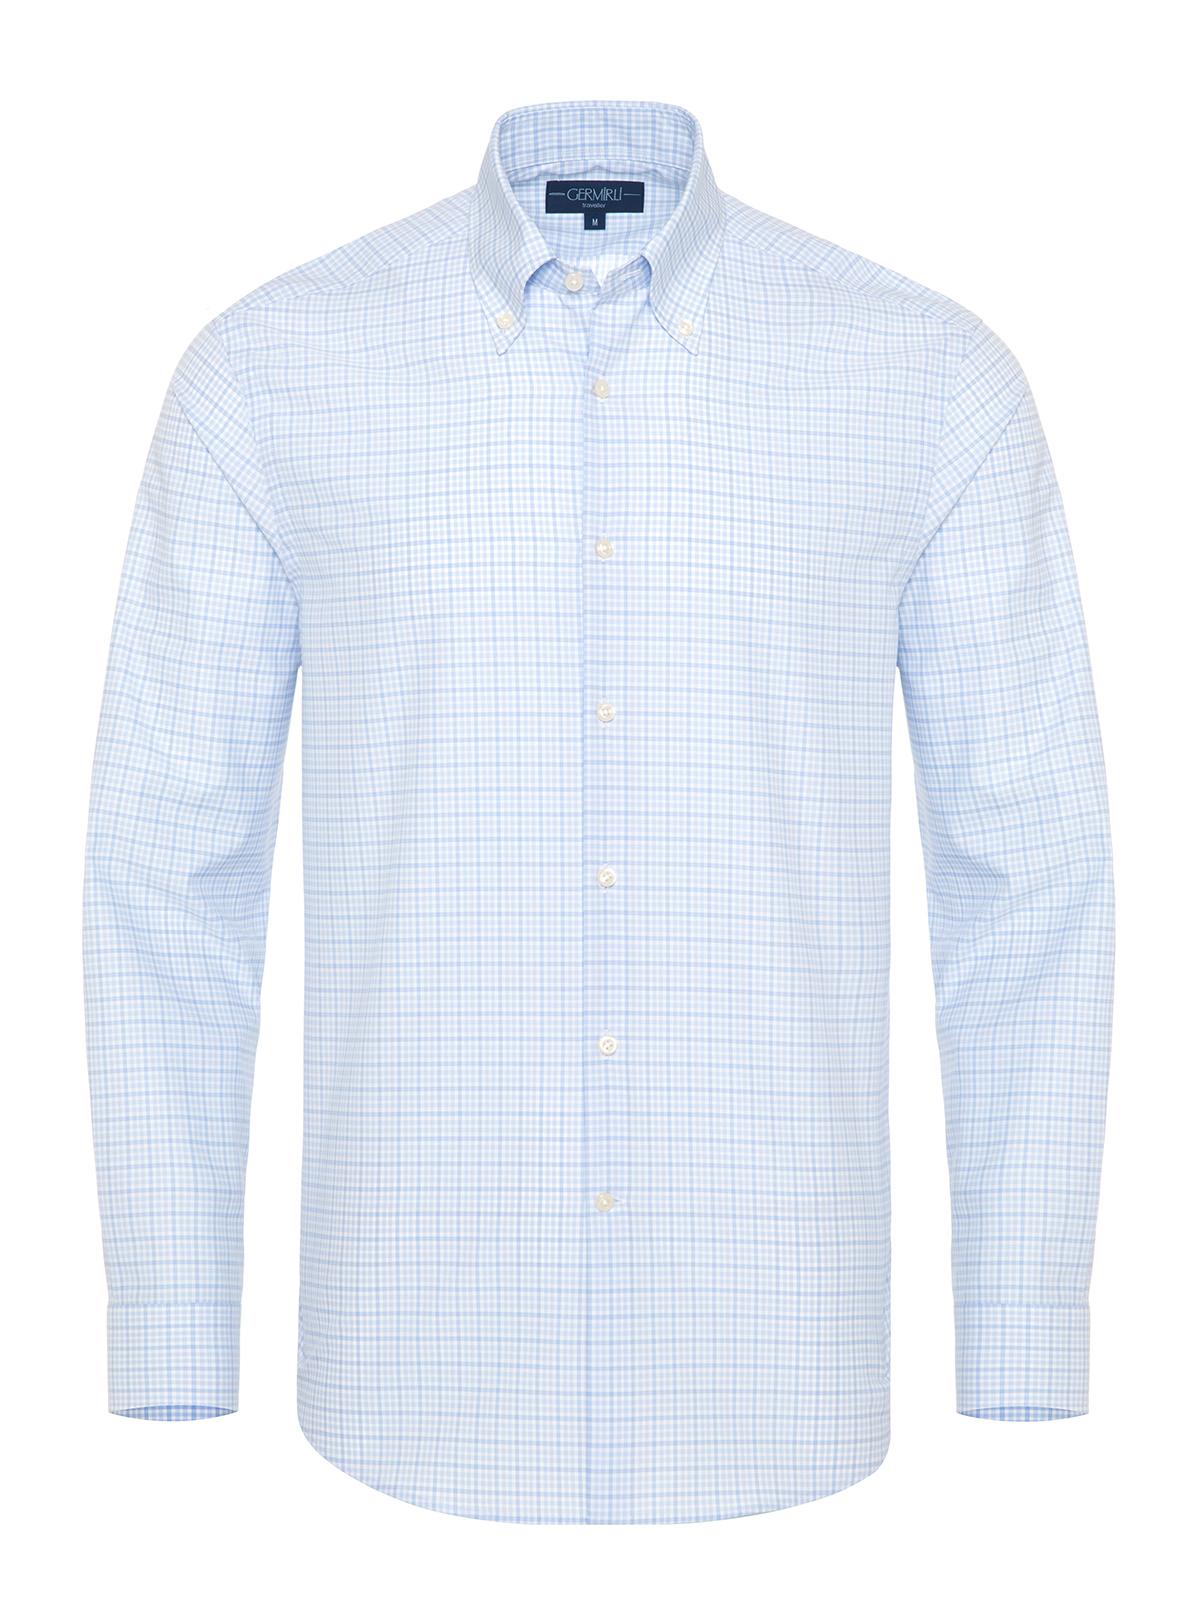 Germirli Non Iron Açık Mavi Beyaz Küçük Kareli Düğmeli Yaka Tailor Fit Journey Gömlek